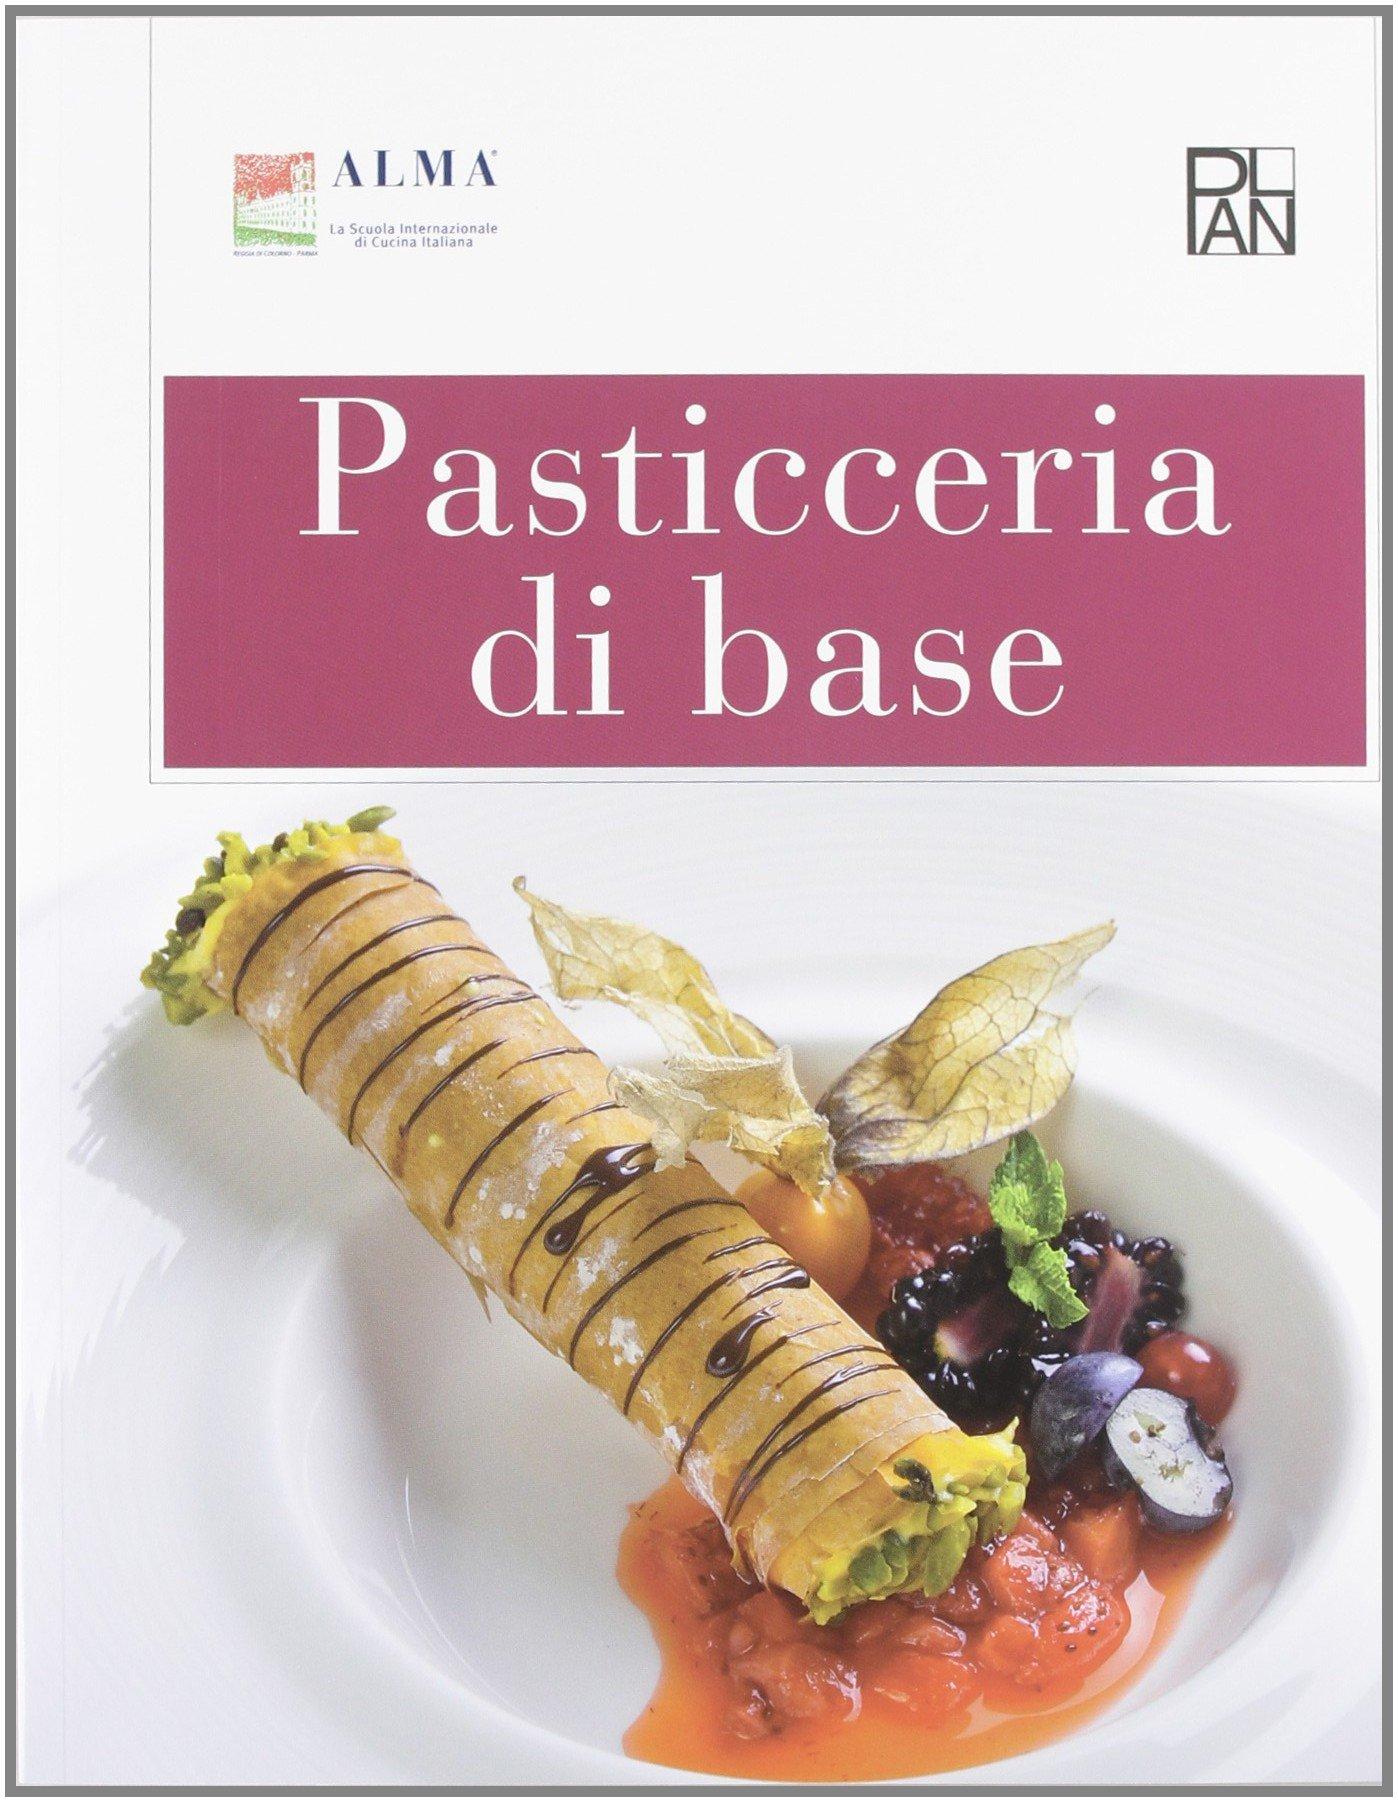 Tecniche Di Cucina Con Pasticceria Di Base Per Gli Ist Professionali Alberghieri Amazon De Fremdsprachige Bucher